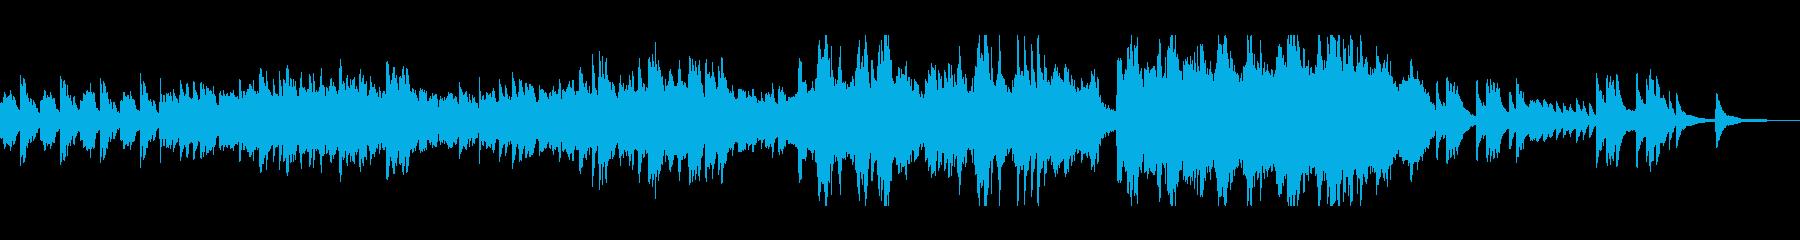 ストリングスとピアノの幻想的な旋律の再生済みの波形